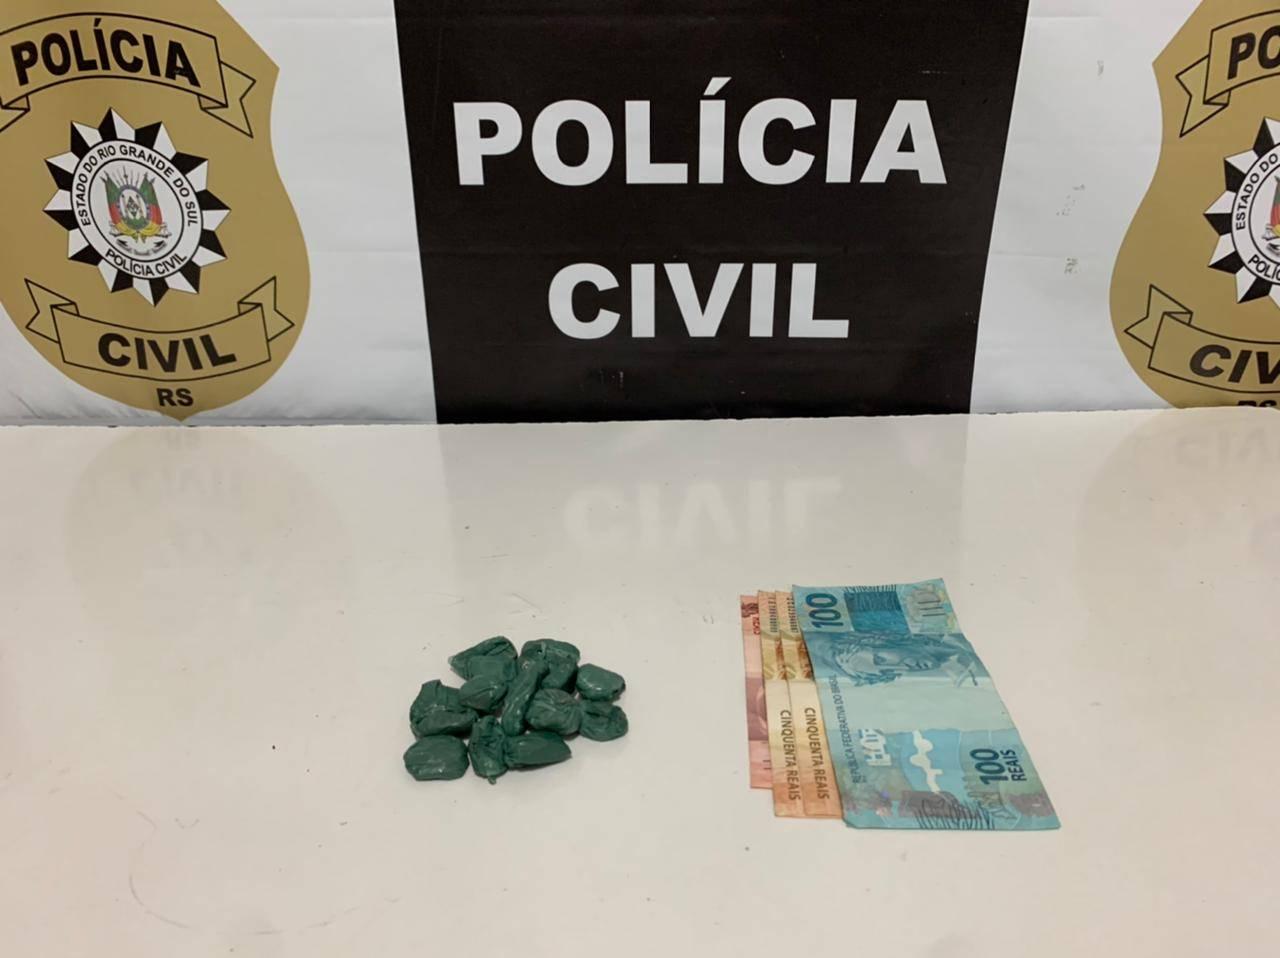 Polícia Civil realiza operação contra o tráfico de drogas em São Luiz Gonzaga